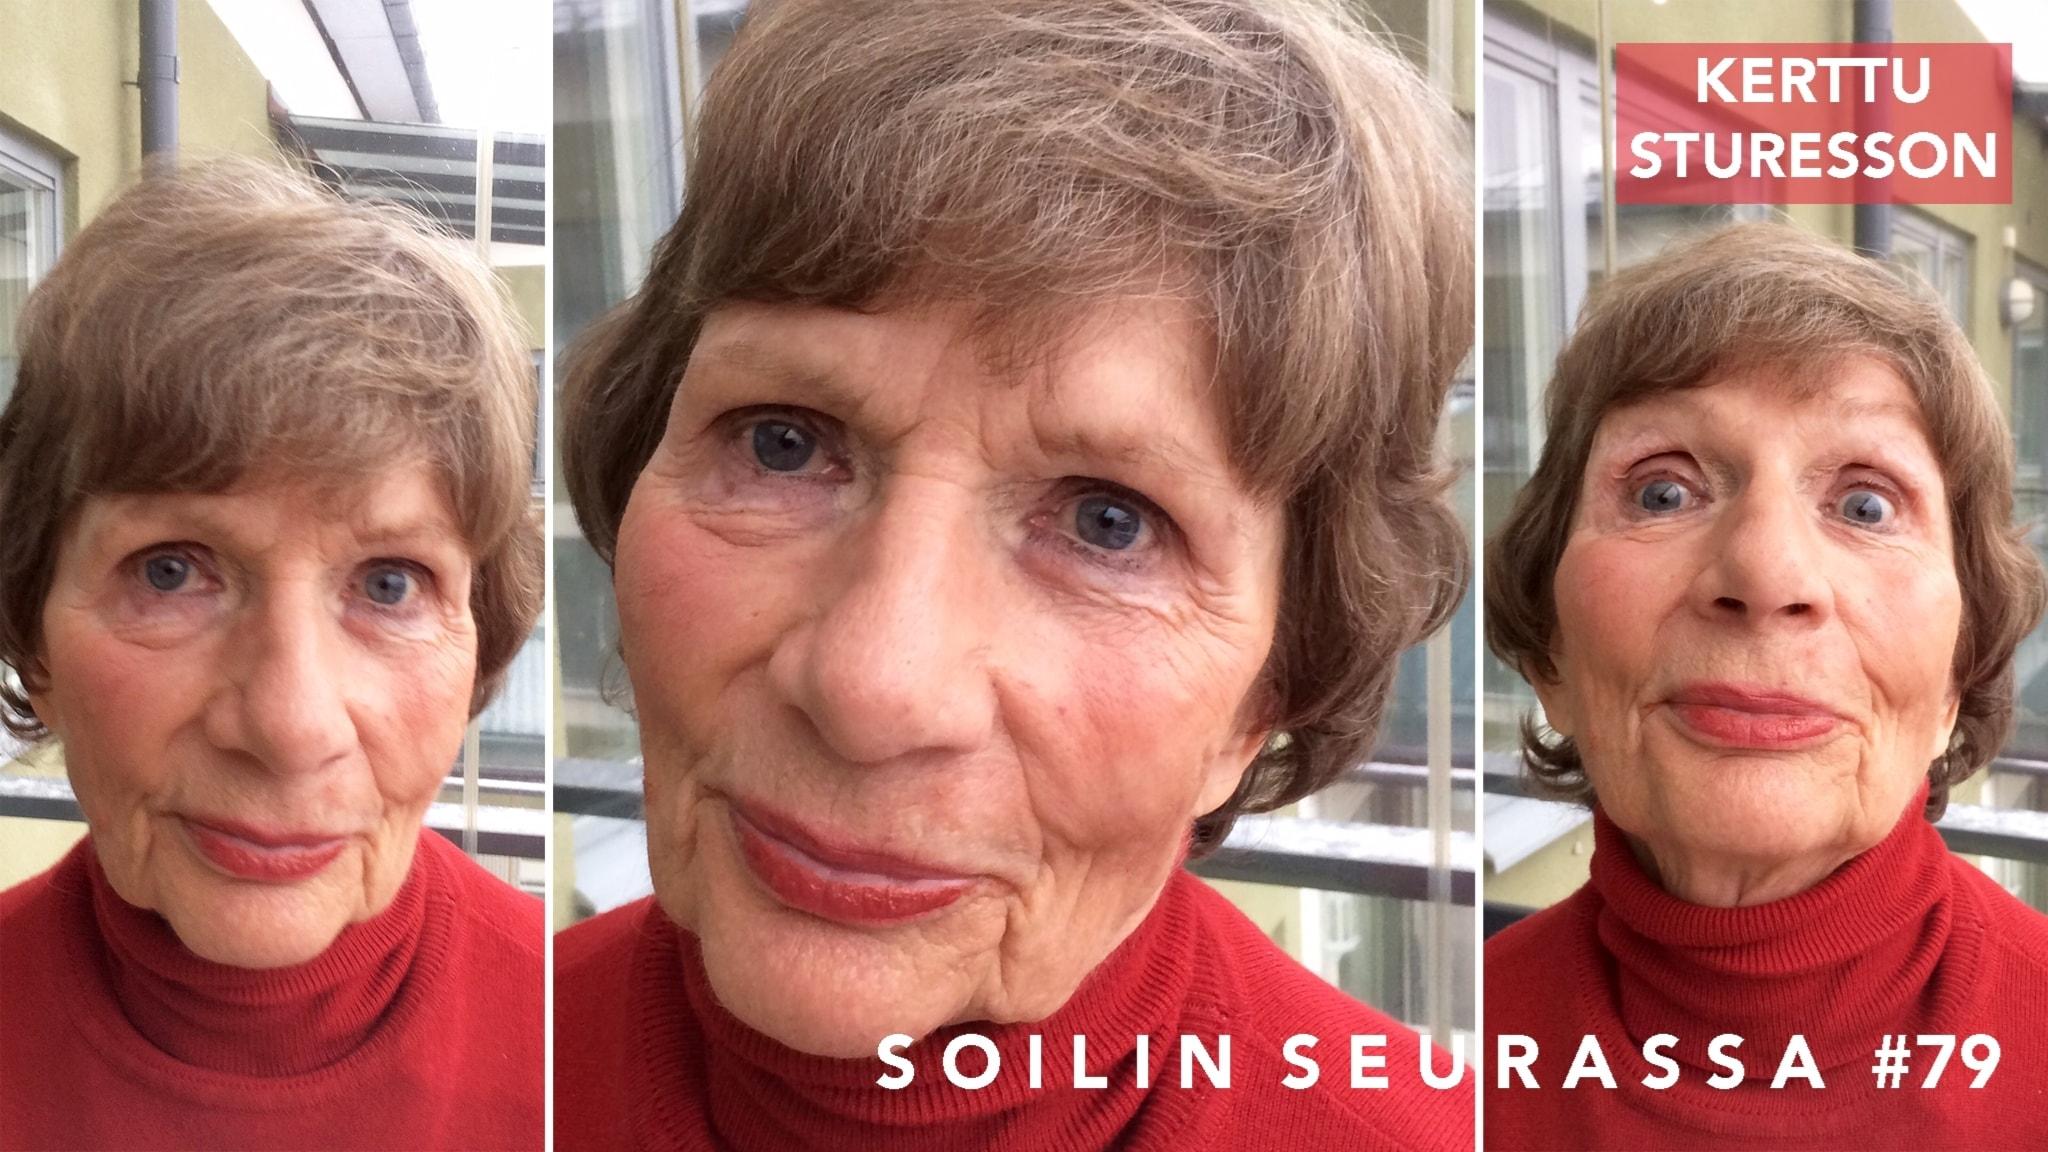 Roslagstullin kulkutautisairaalan enkeli, aids-sairaiden hoitaja Kerttu Sturesson: